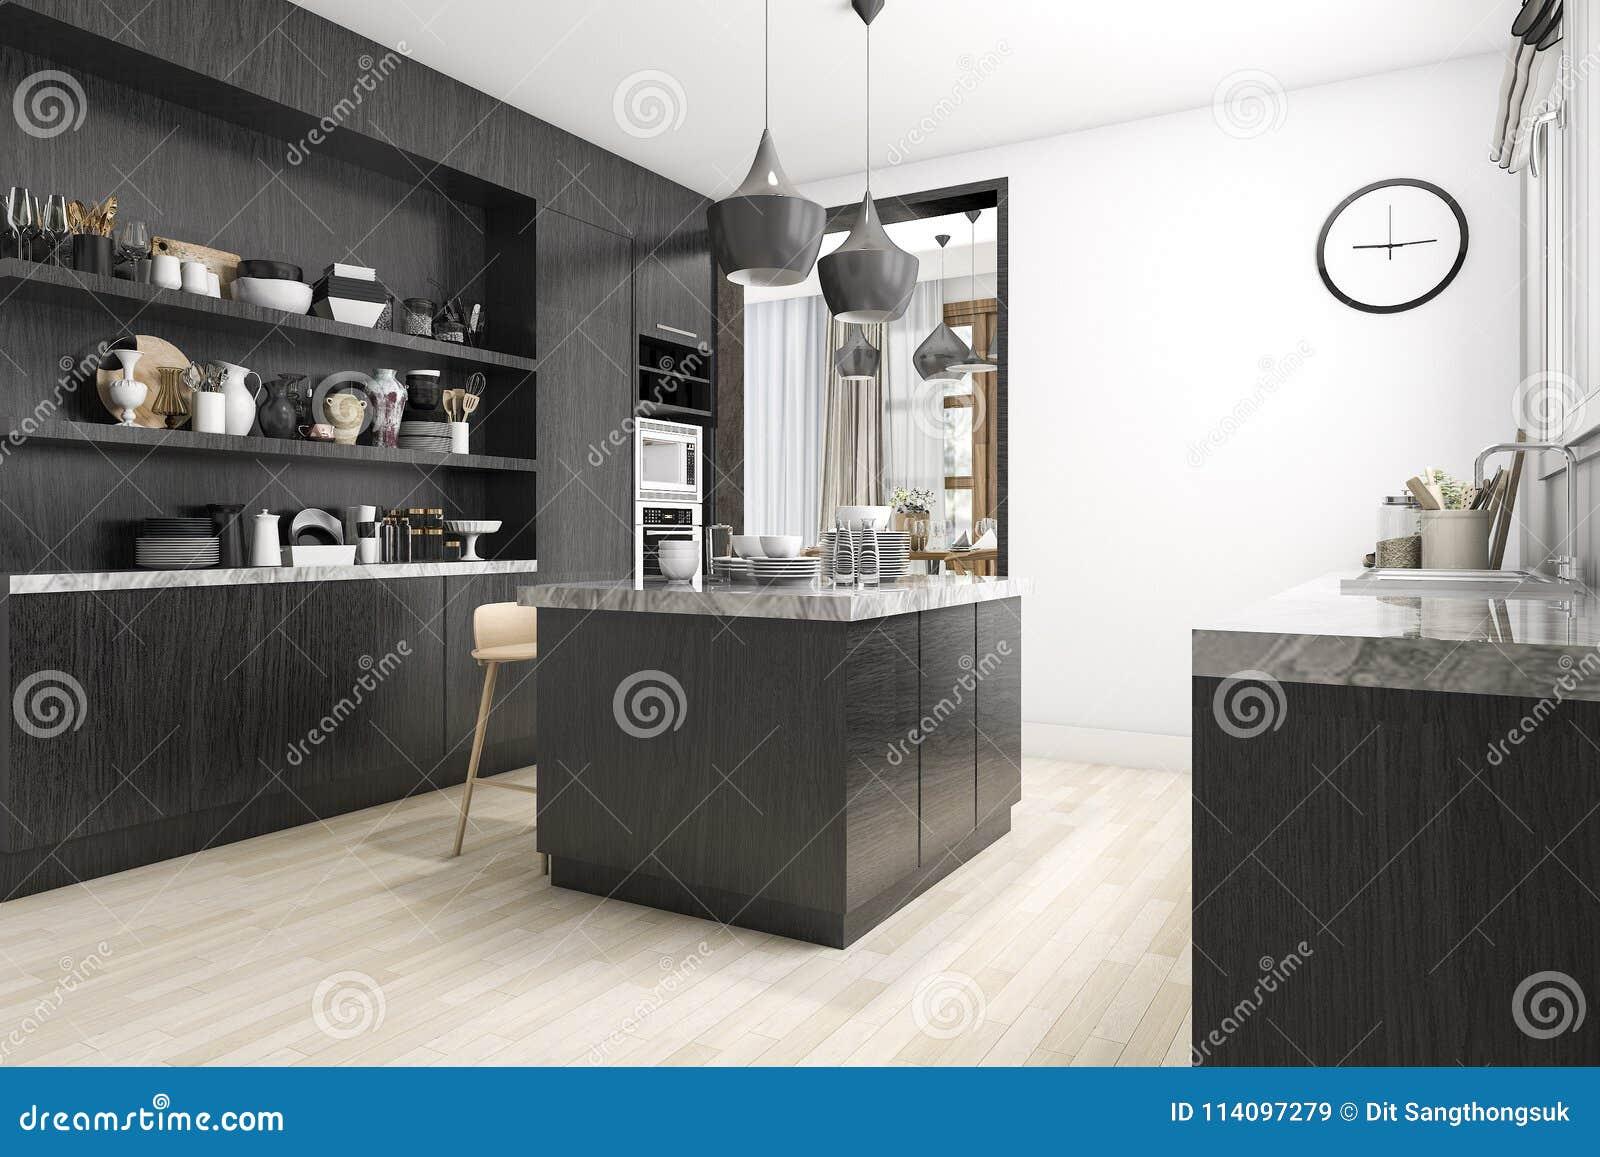 Famoso Imágenes De Cocinas Saltney Colección de Imágenes - Ideas de ...